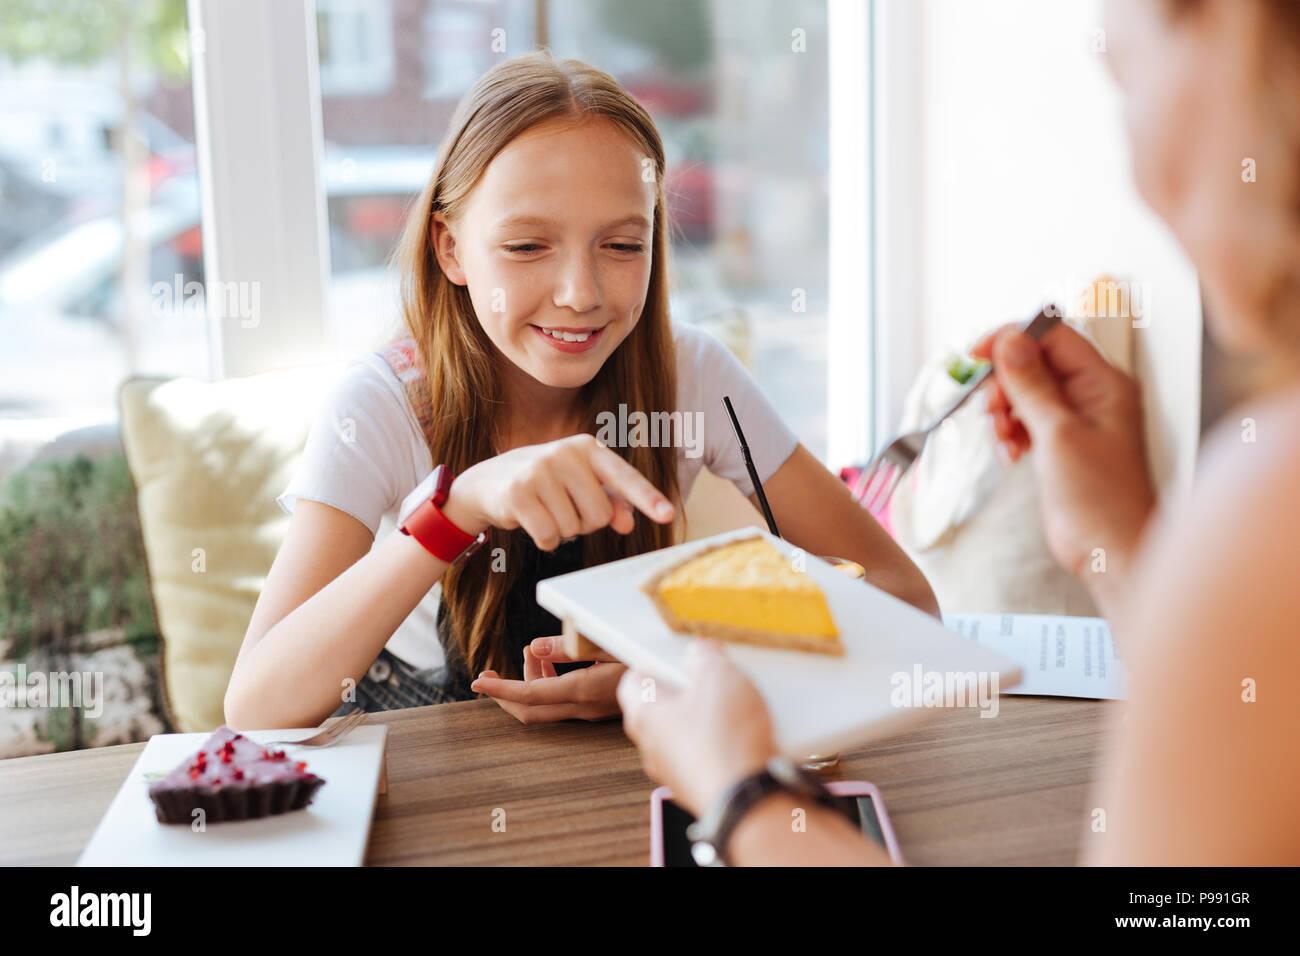 Adolescente sonriente tratando cheesecake con su madre Imagen De Stock